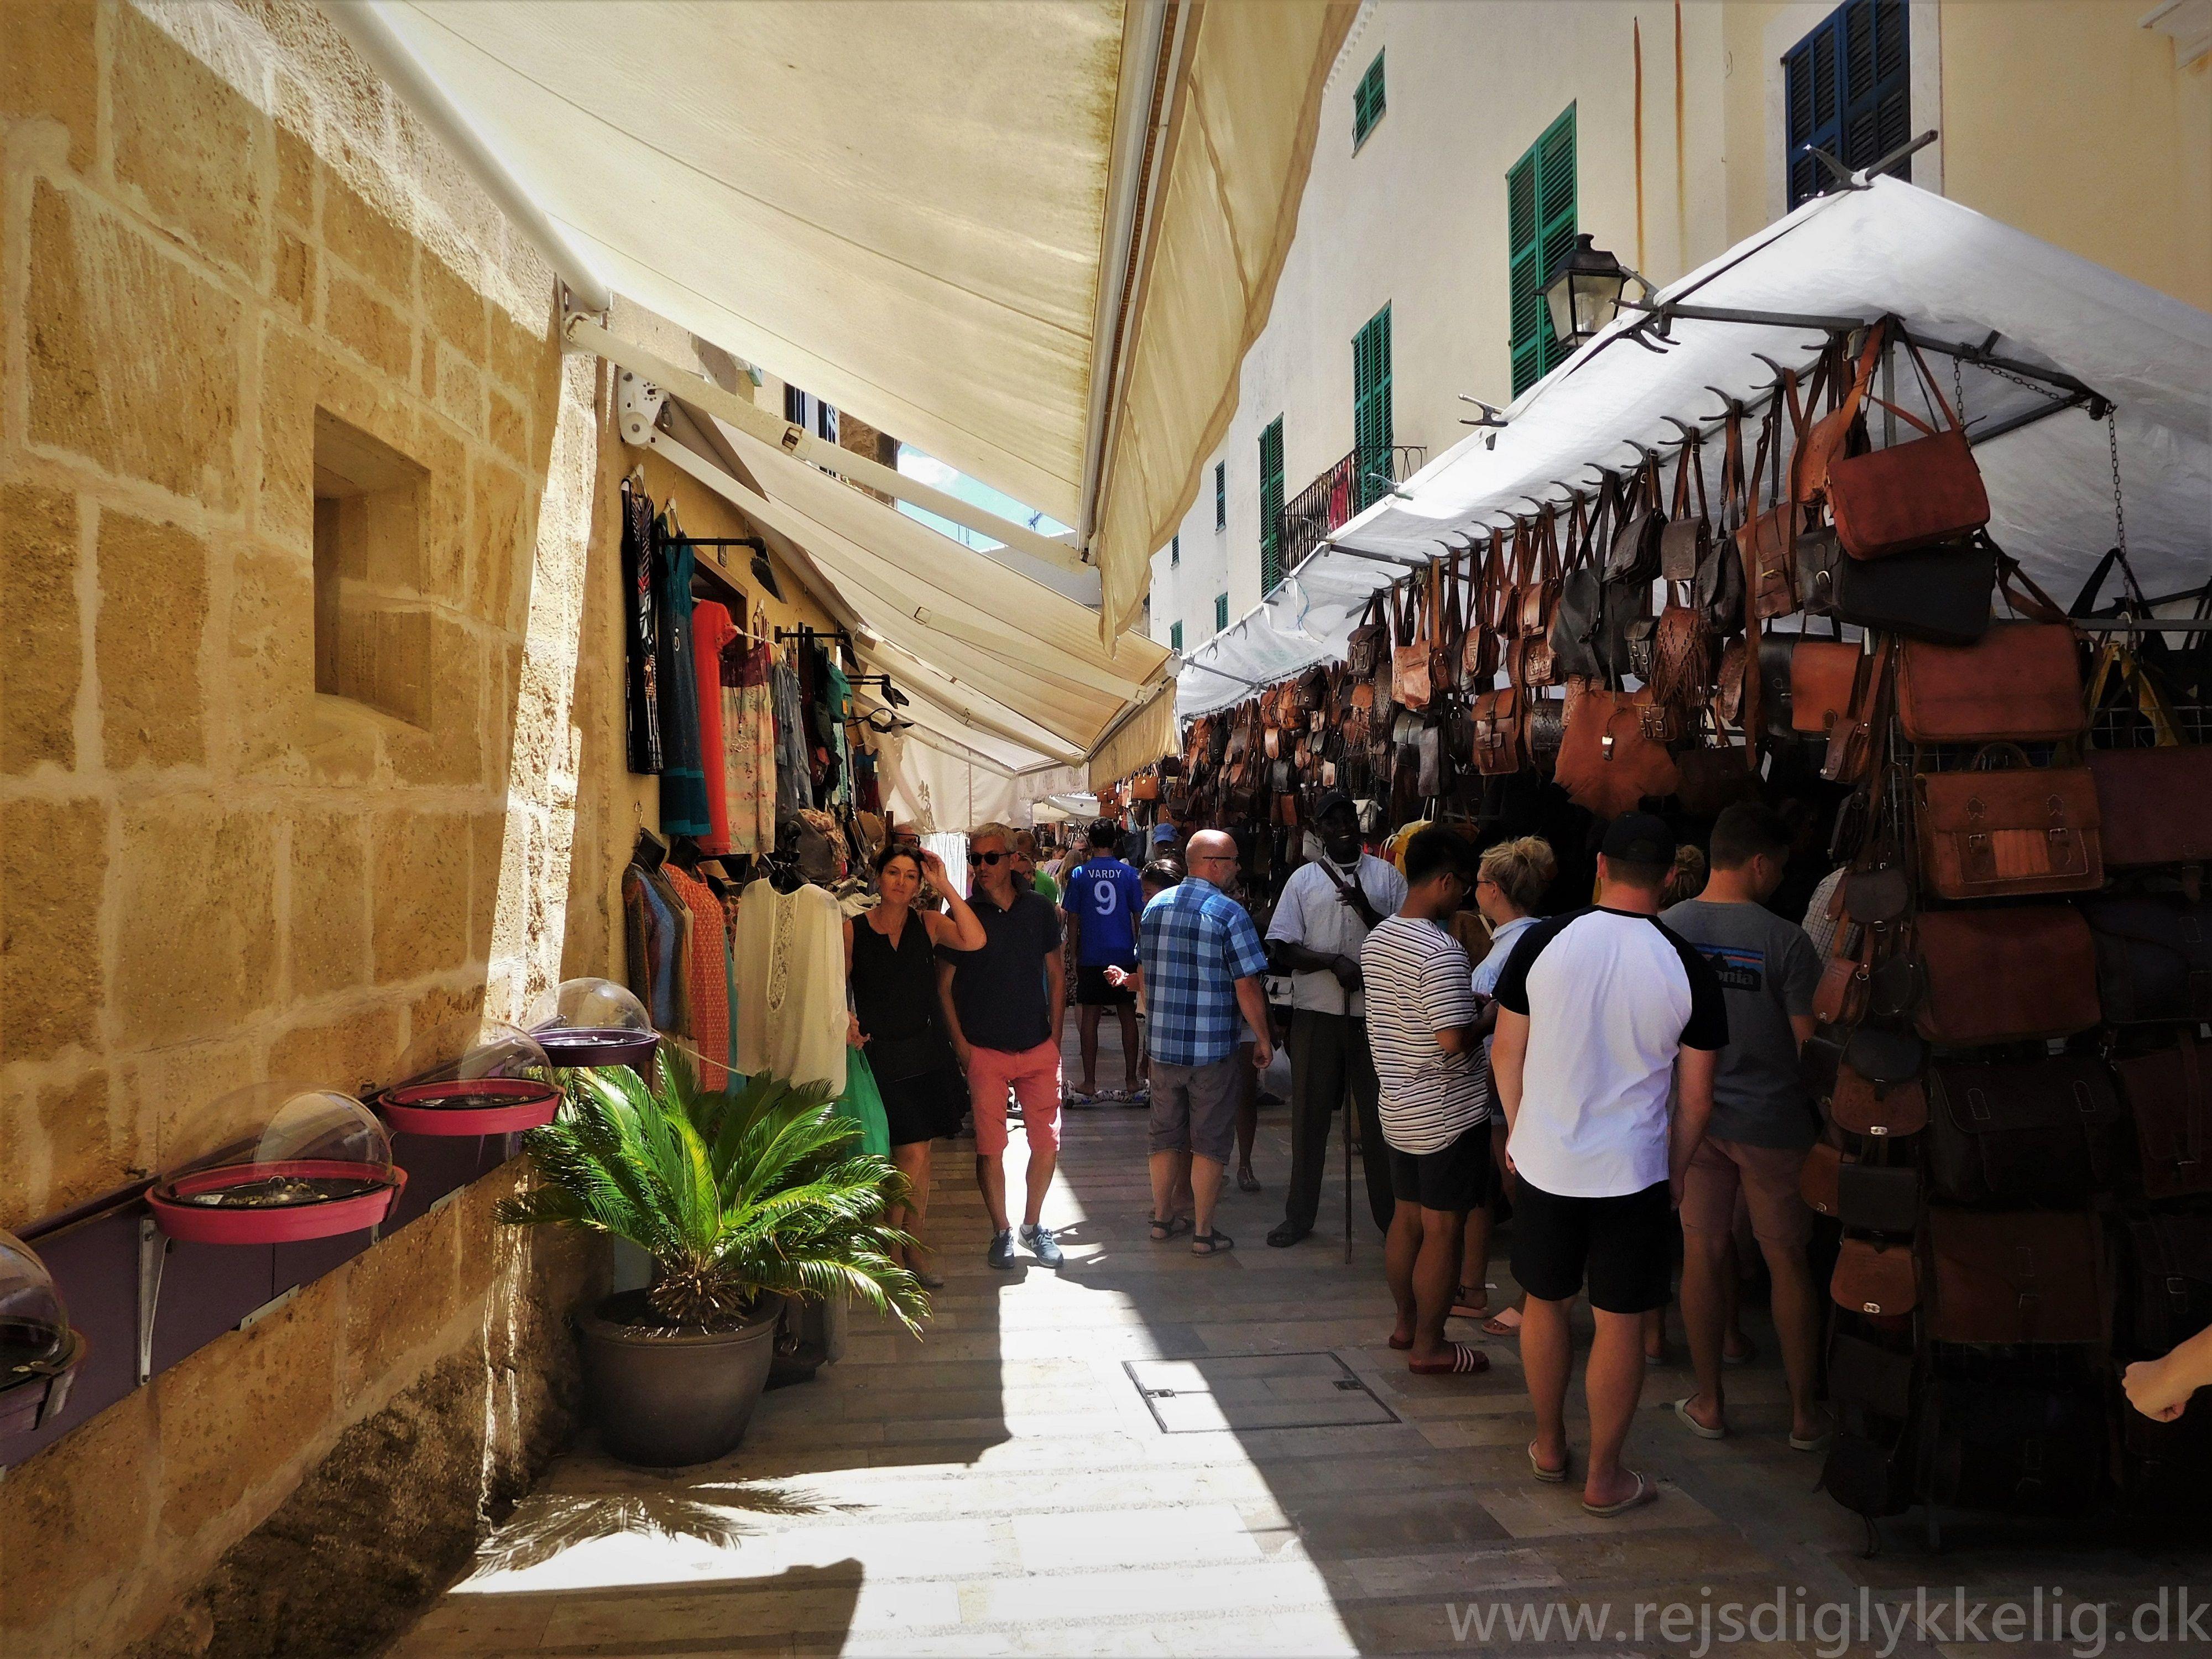 Søndagsmarked i Alcudia - Rejsdiglykkelig.dk